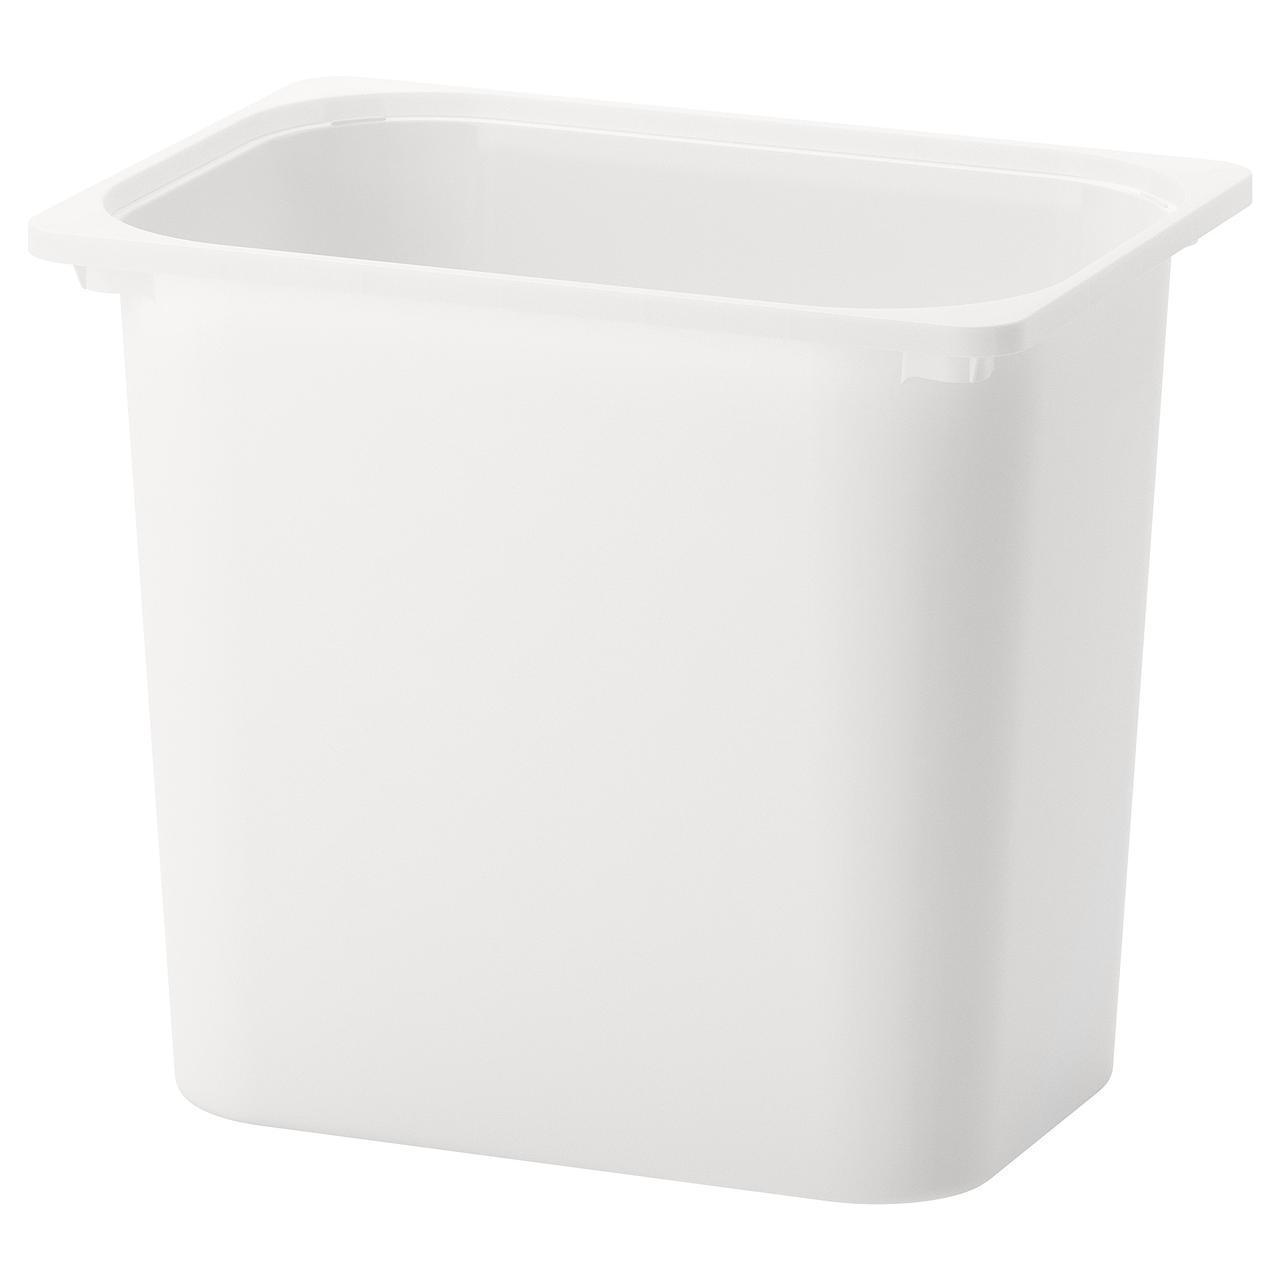 Контейнер IKEA TROFAST белый 200.892.42